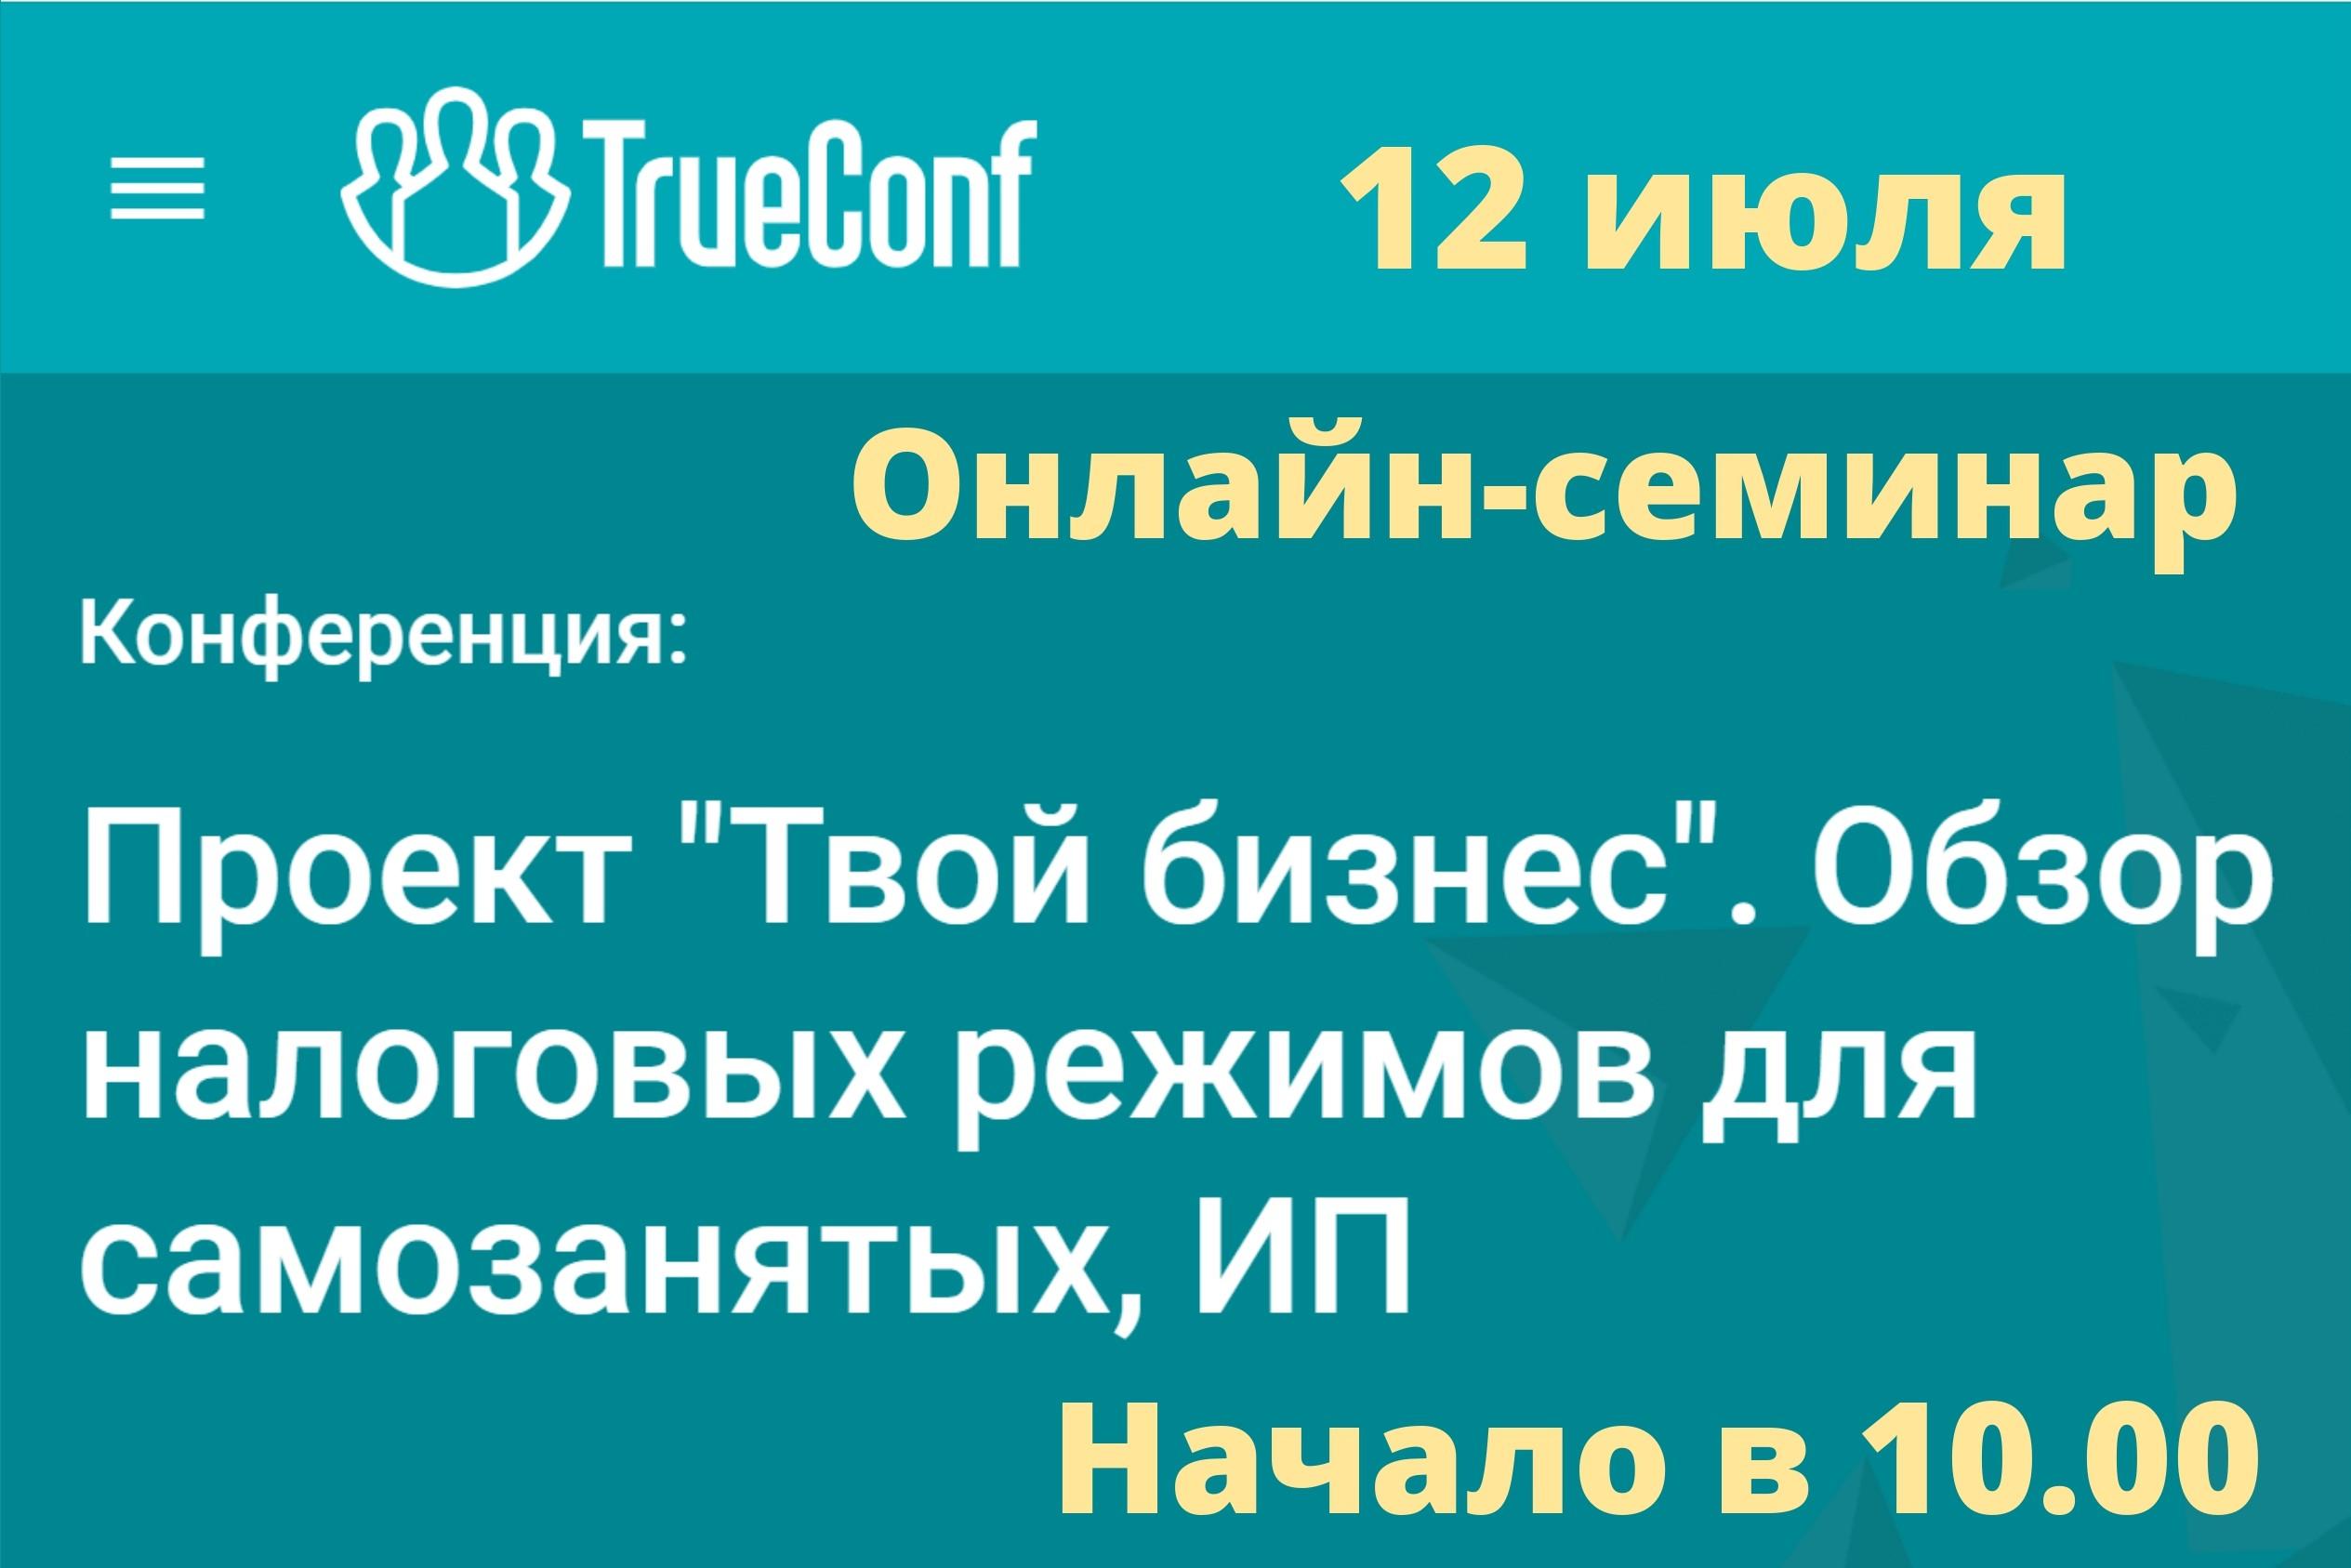 Приглашаем северян на онлайн-семинар о налоговых режимах для самозанятых